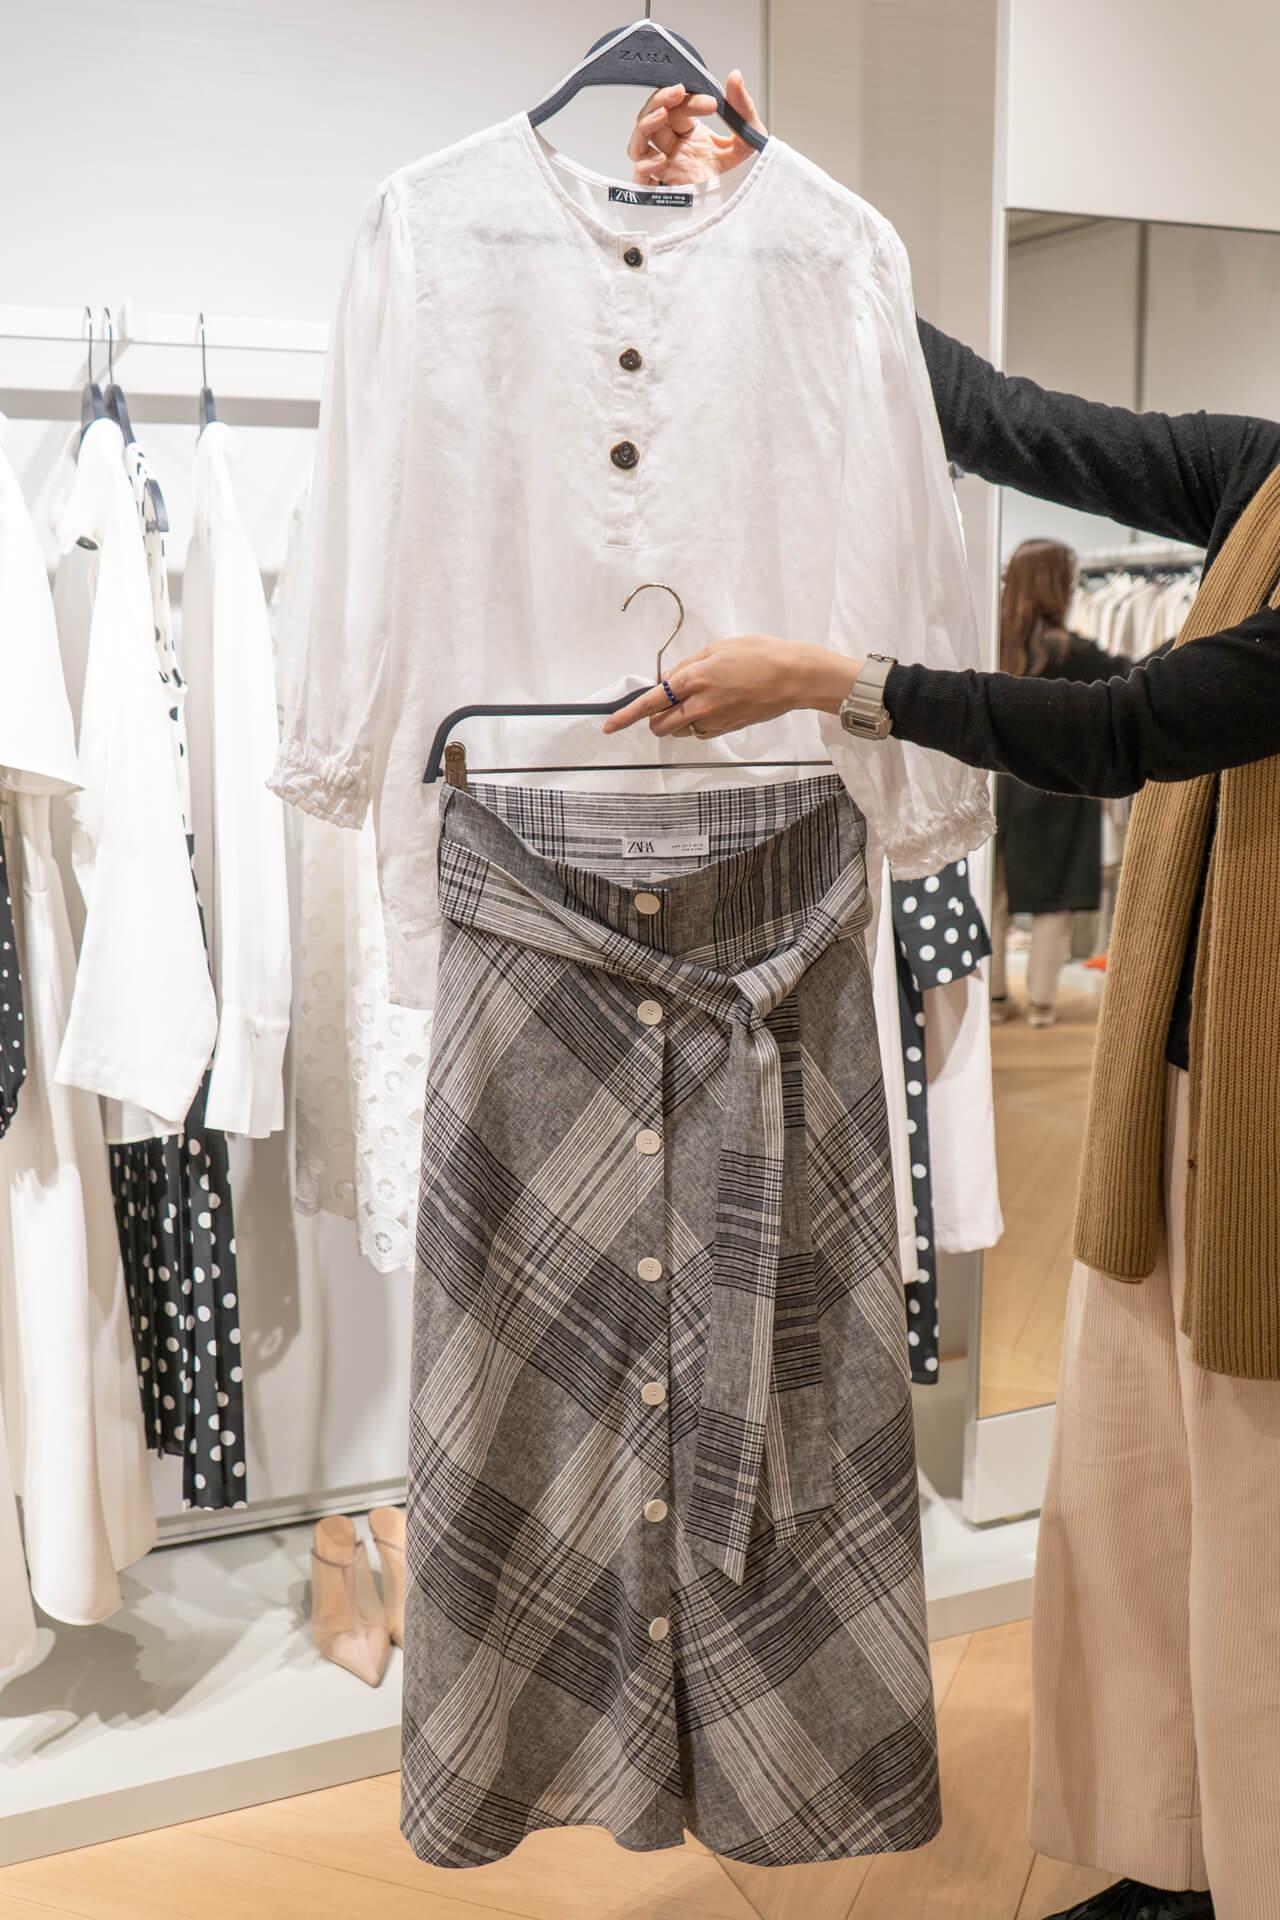 29df9d987dae5 「グレーのチェック柄なら、シーンを選ばず履きこなせるはず。トップスは白のゆったりとしたシャツを合わせて、優しい表情にまとめてみても」(トップス¥4990・  ...